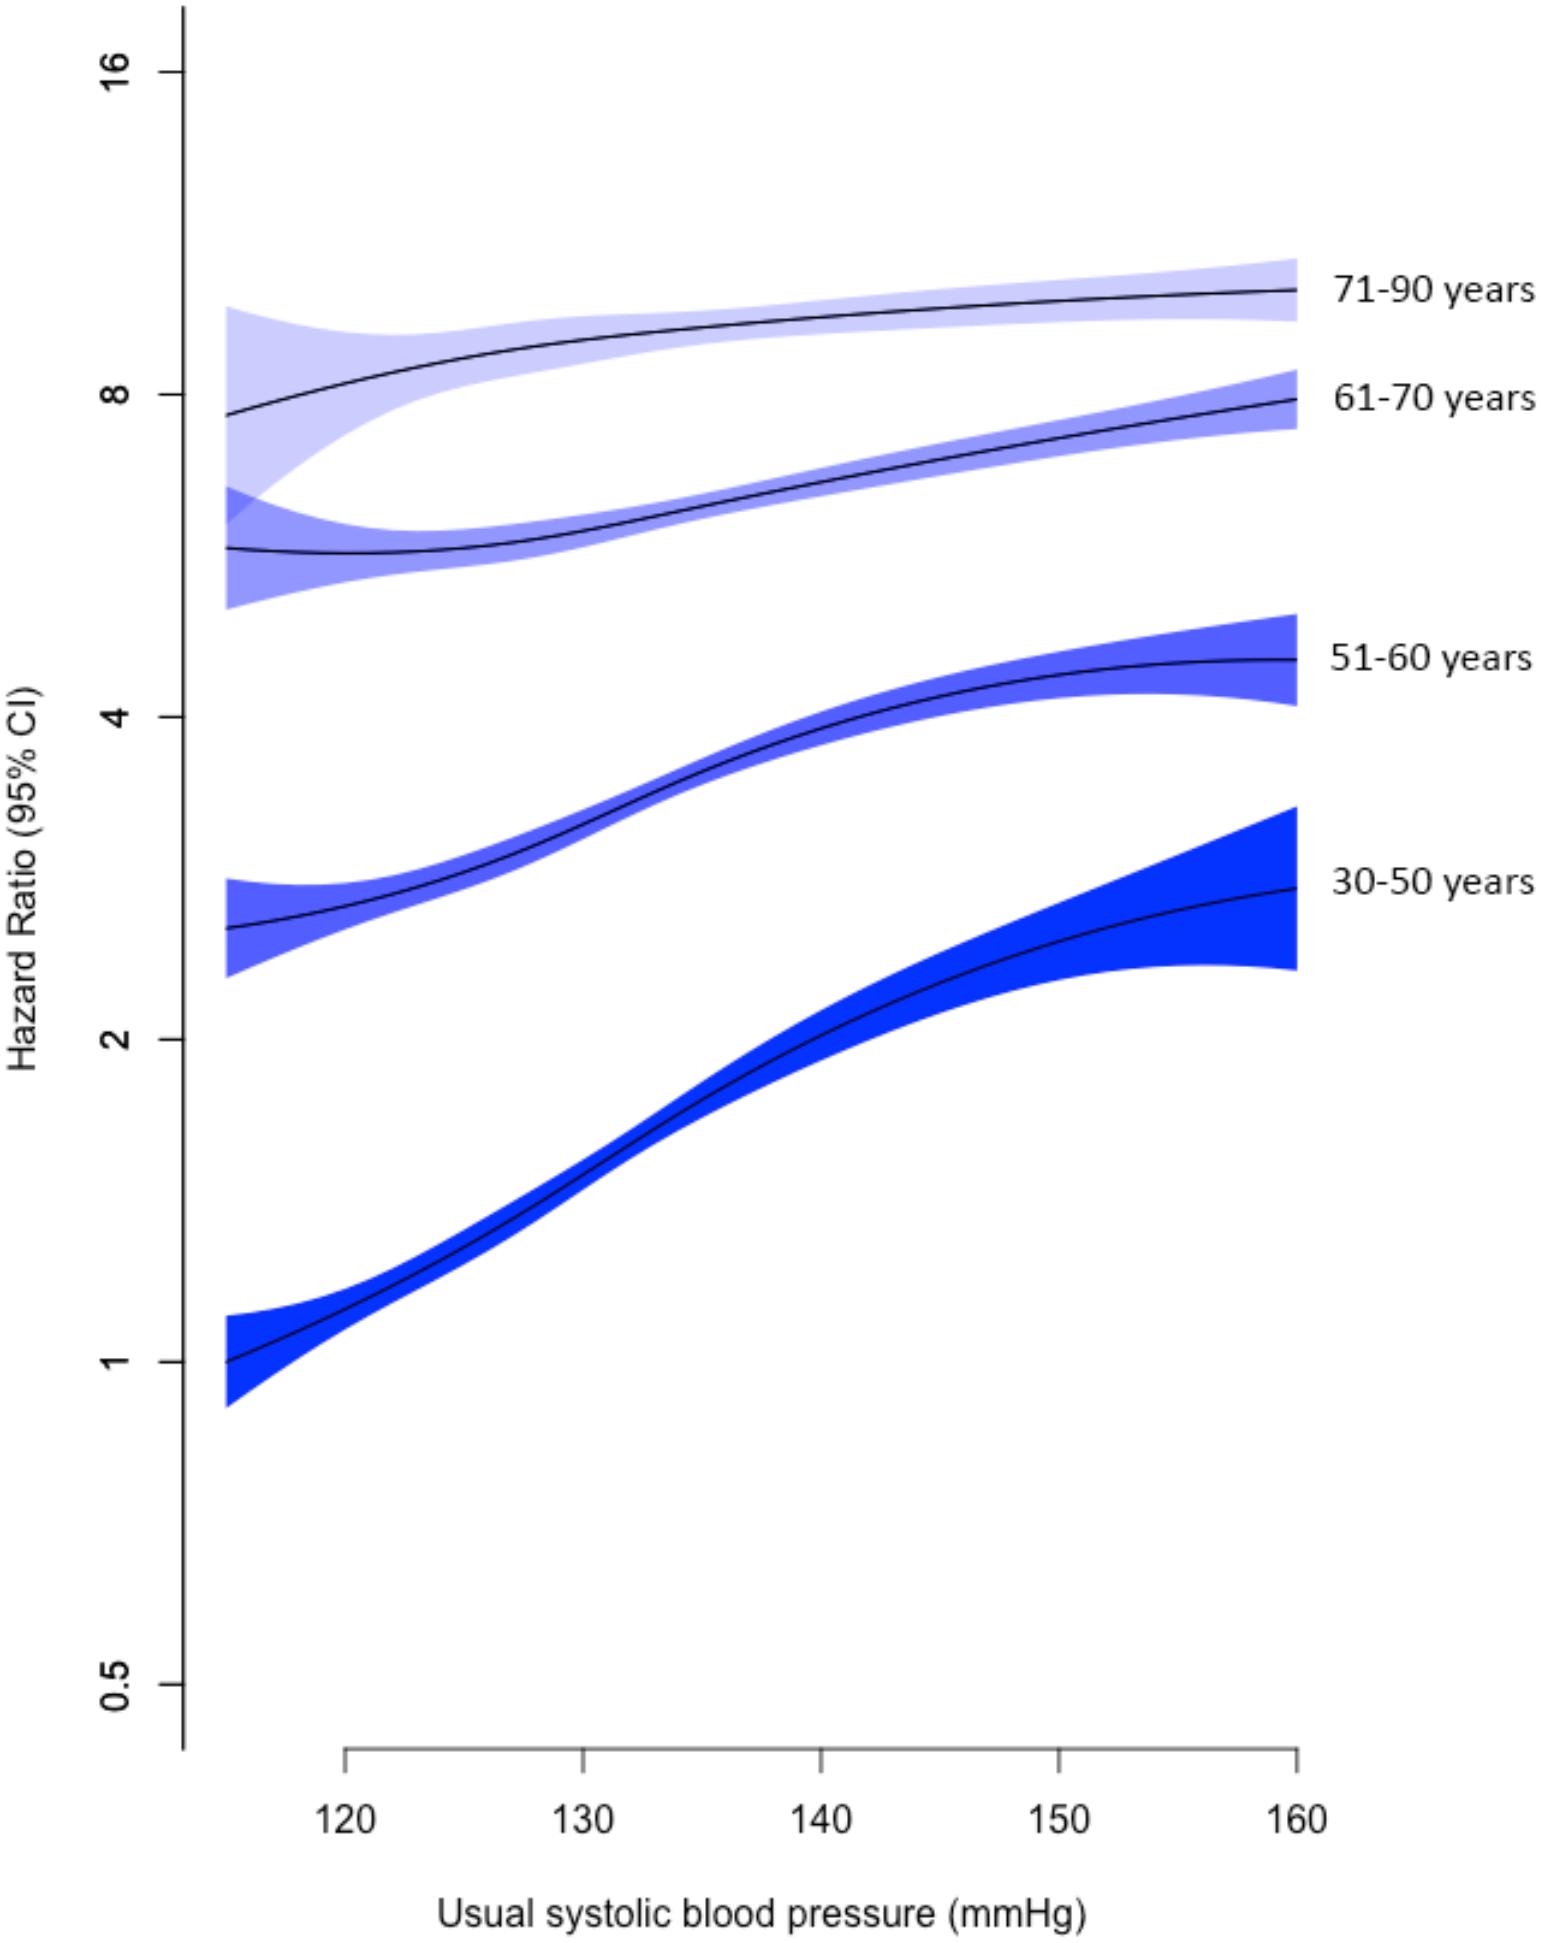 Adjusted age-specific HRs of SBP for mitral regurgitation.